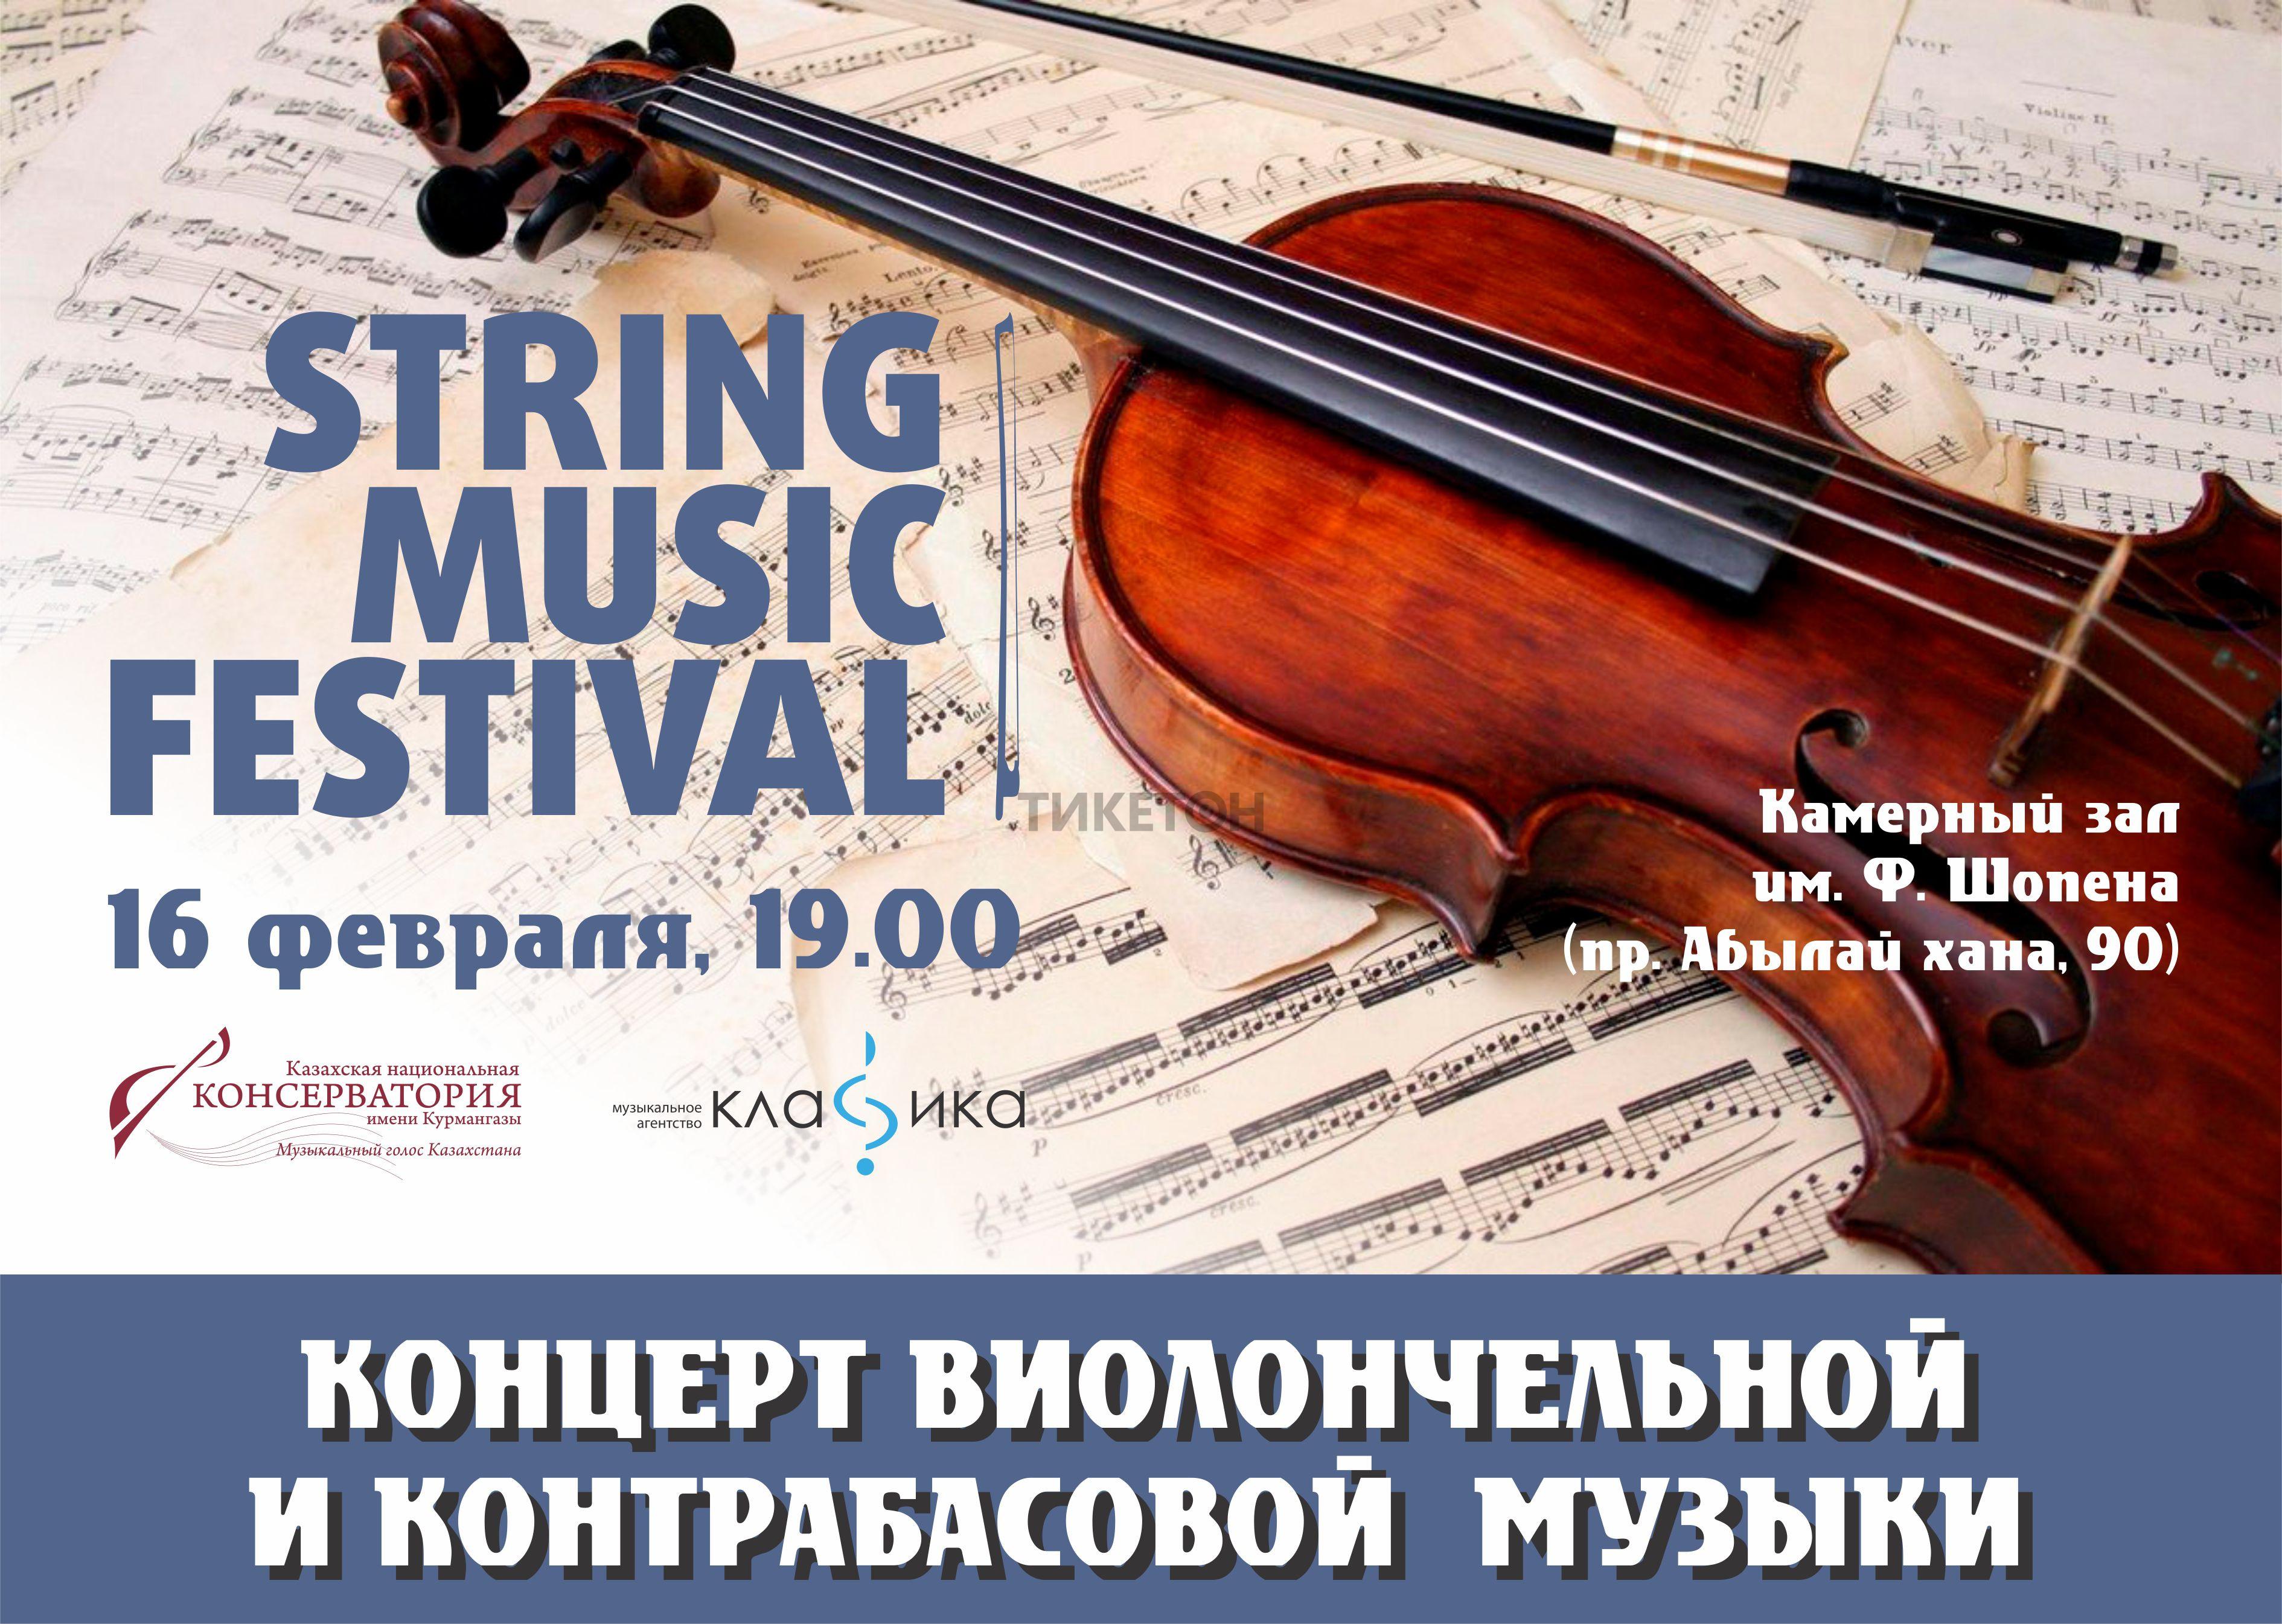 Пройдёт концерт виолончельной и контрабасовой музыки